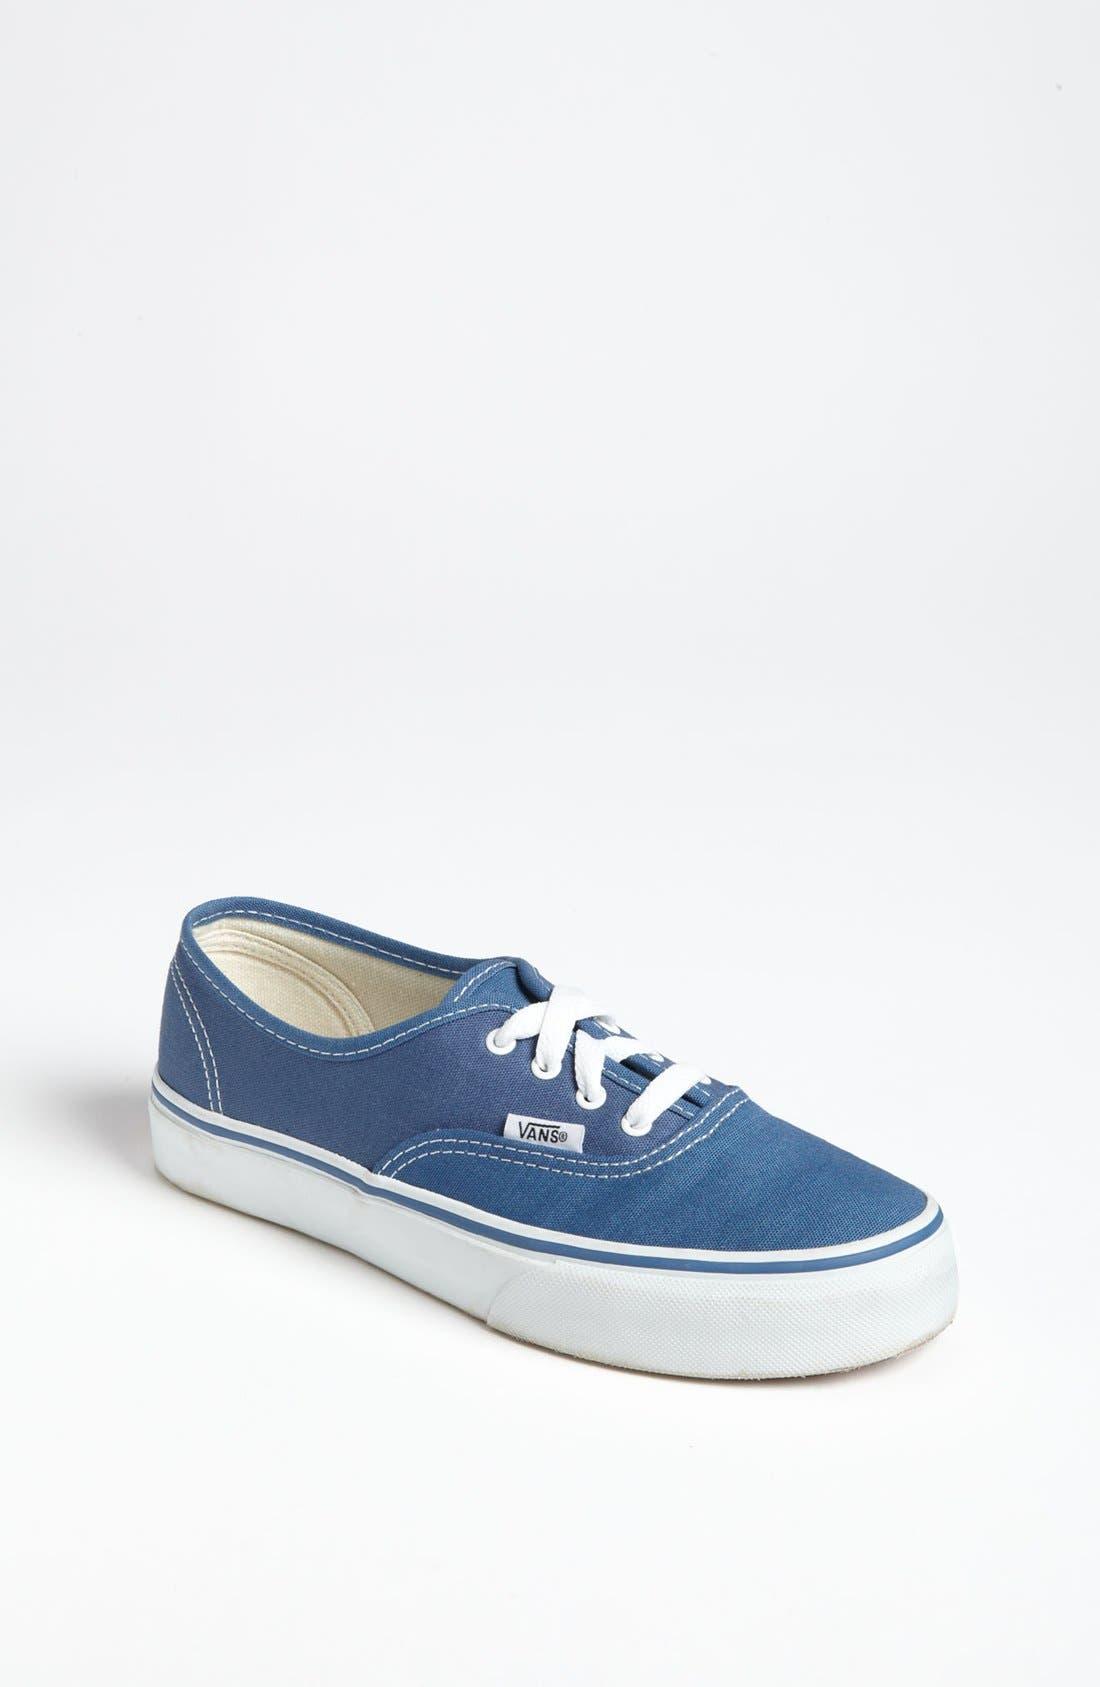 Alternate Image 1 Selected - Vans 'Authentic' Sneaker (Little Kid & Big Kid)